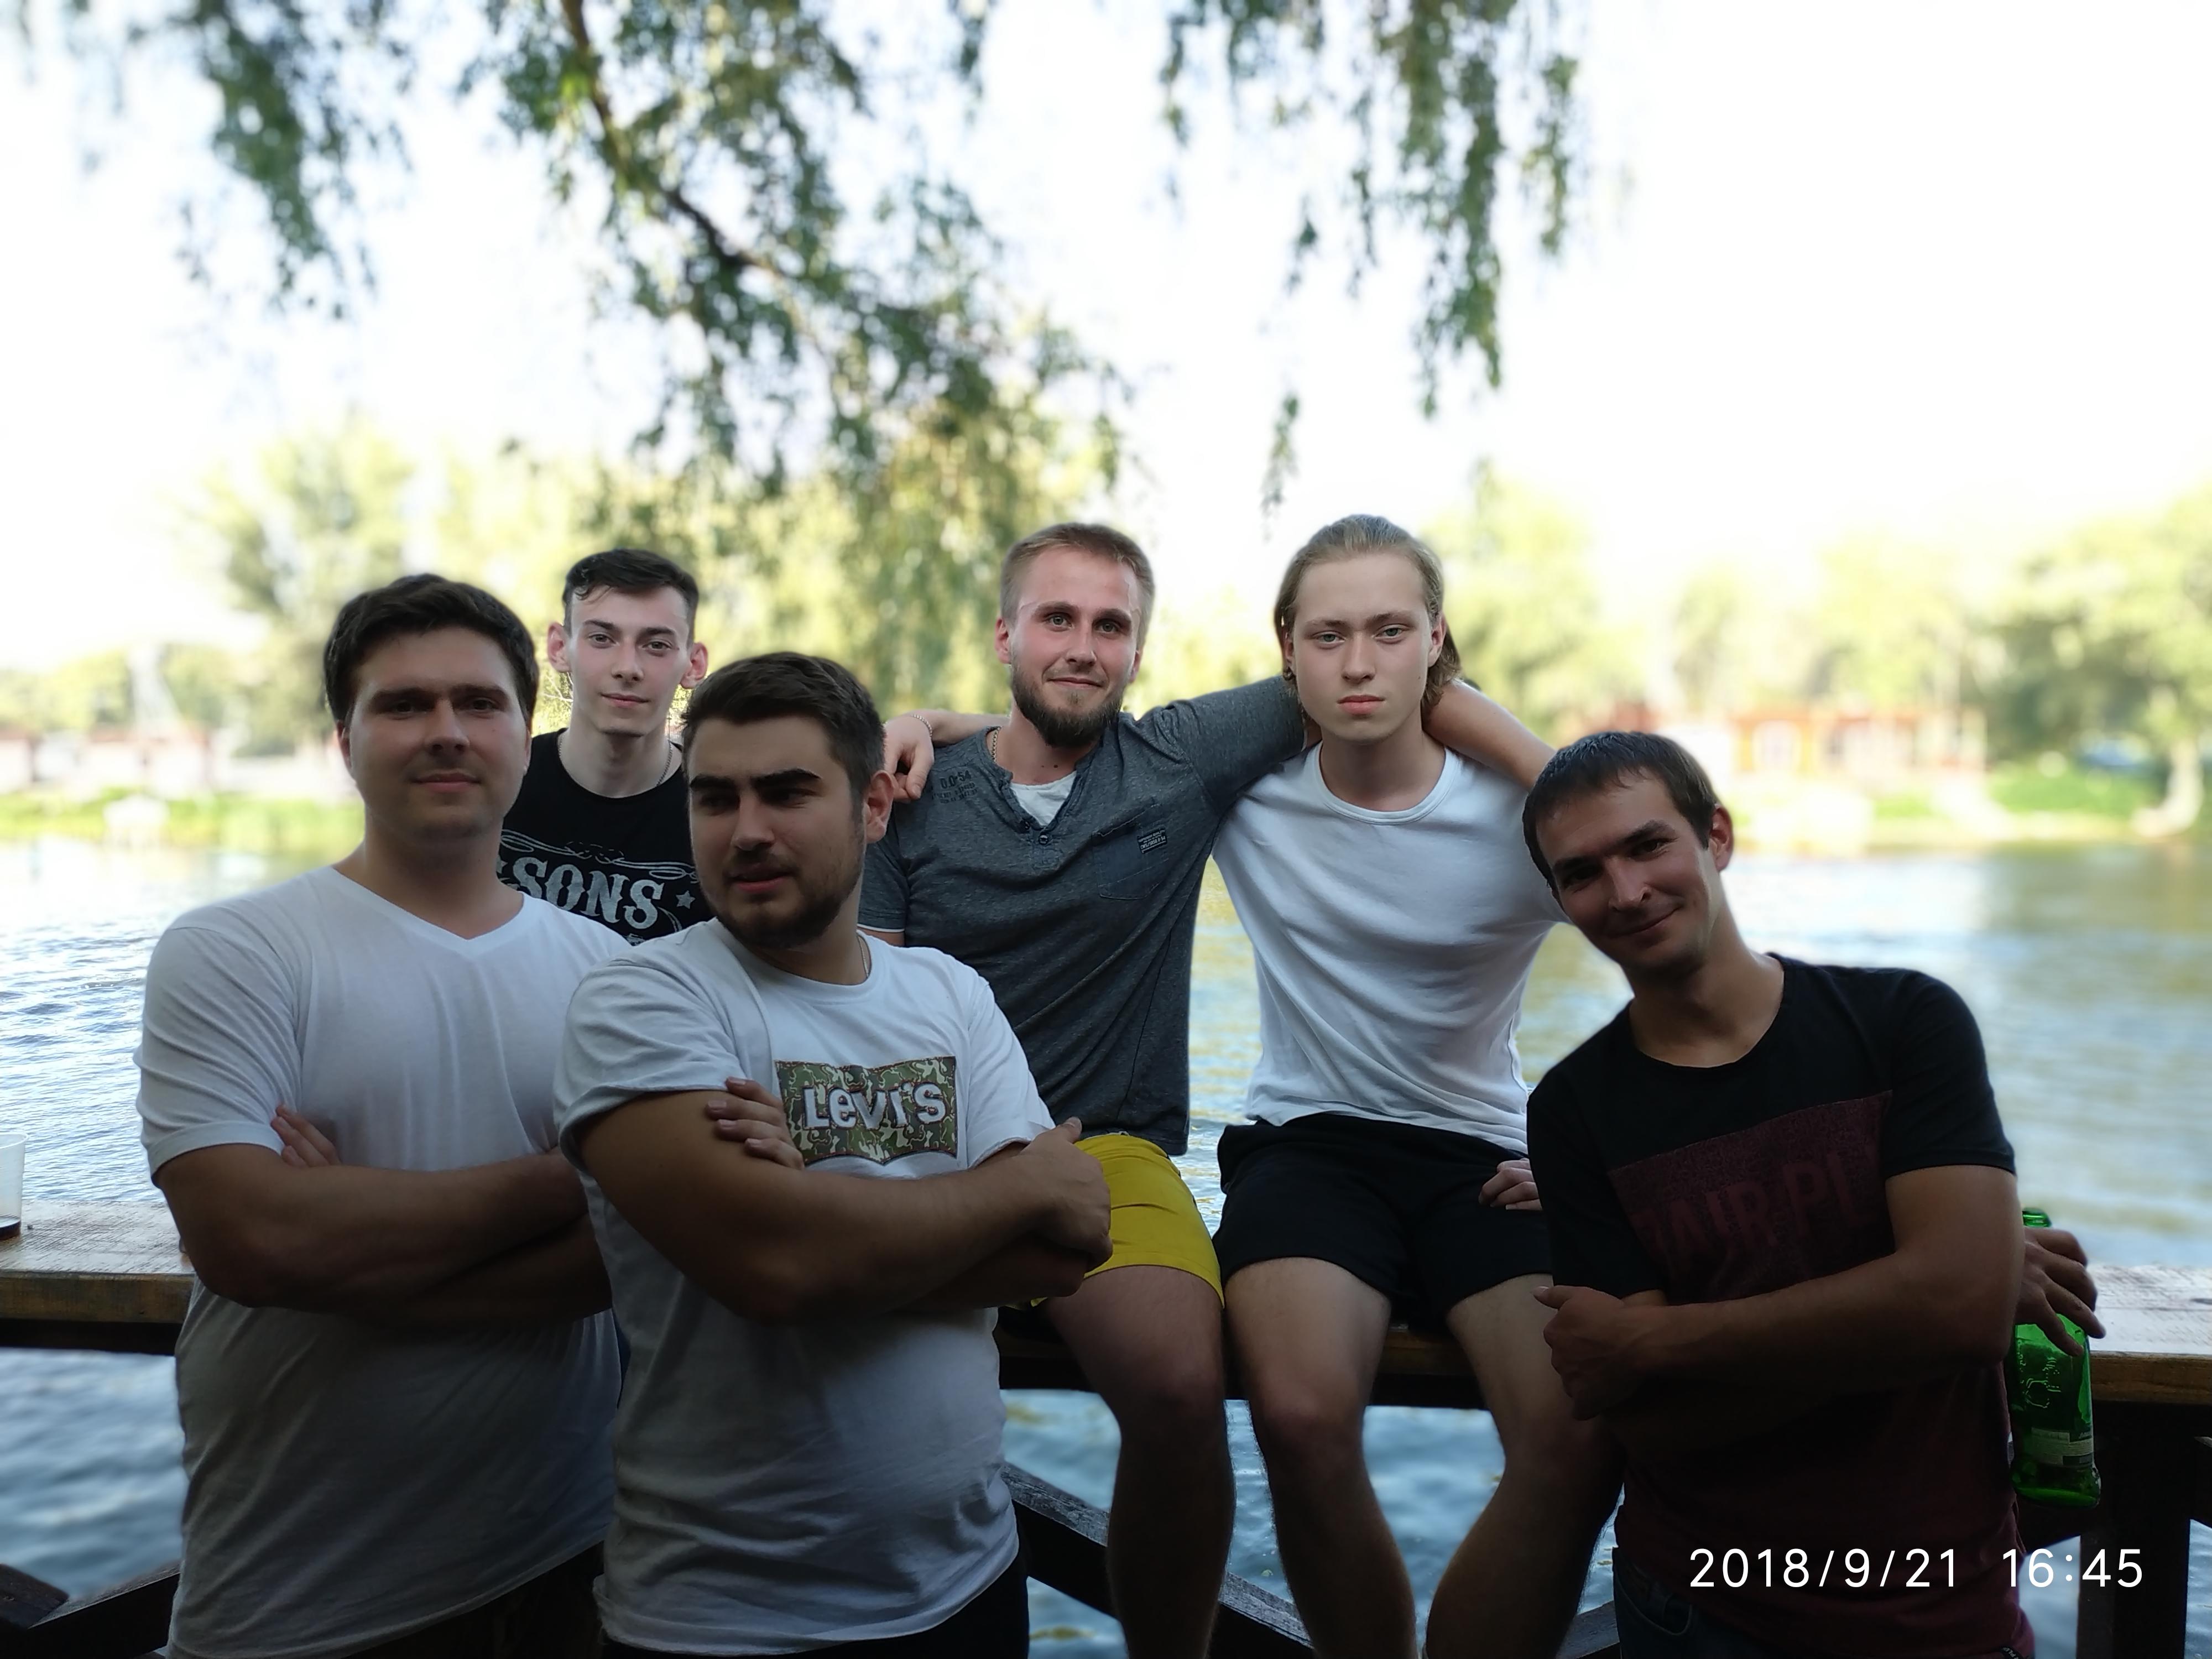 дружный коллектив, мужская часть - маркетингового рекламного агентства True Advertising Group, Киев